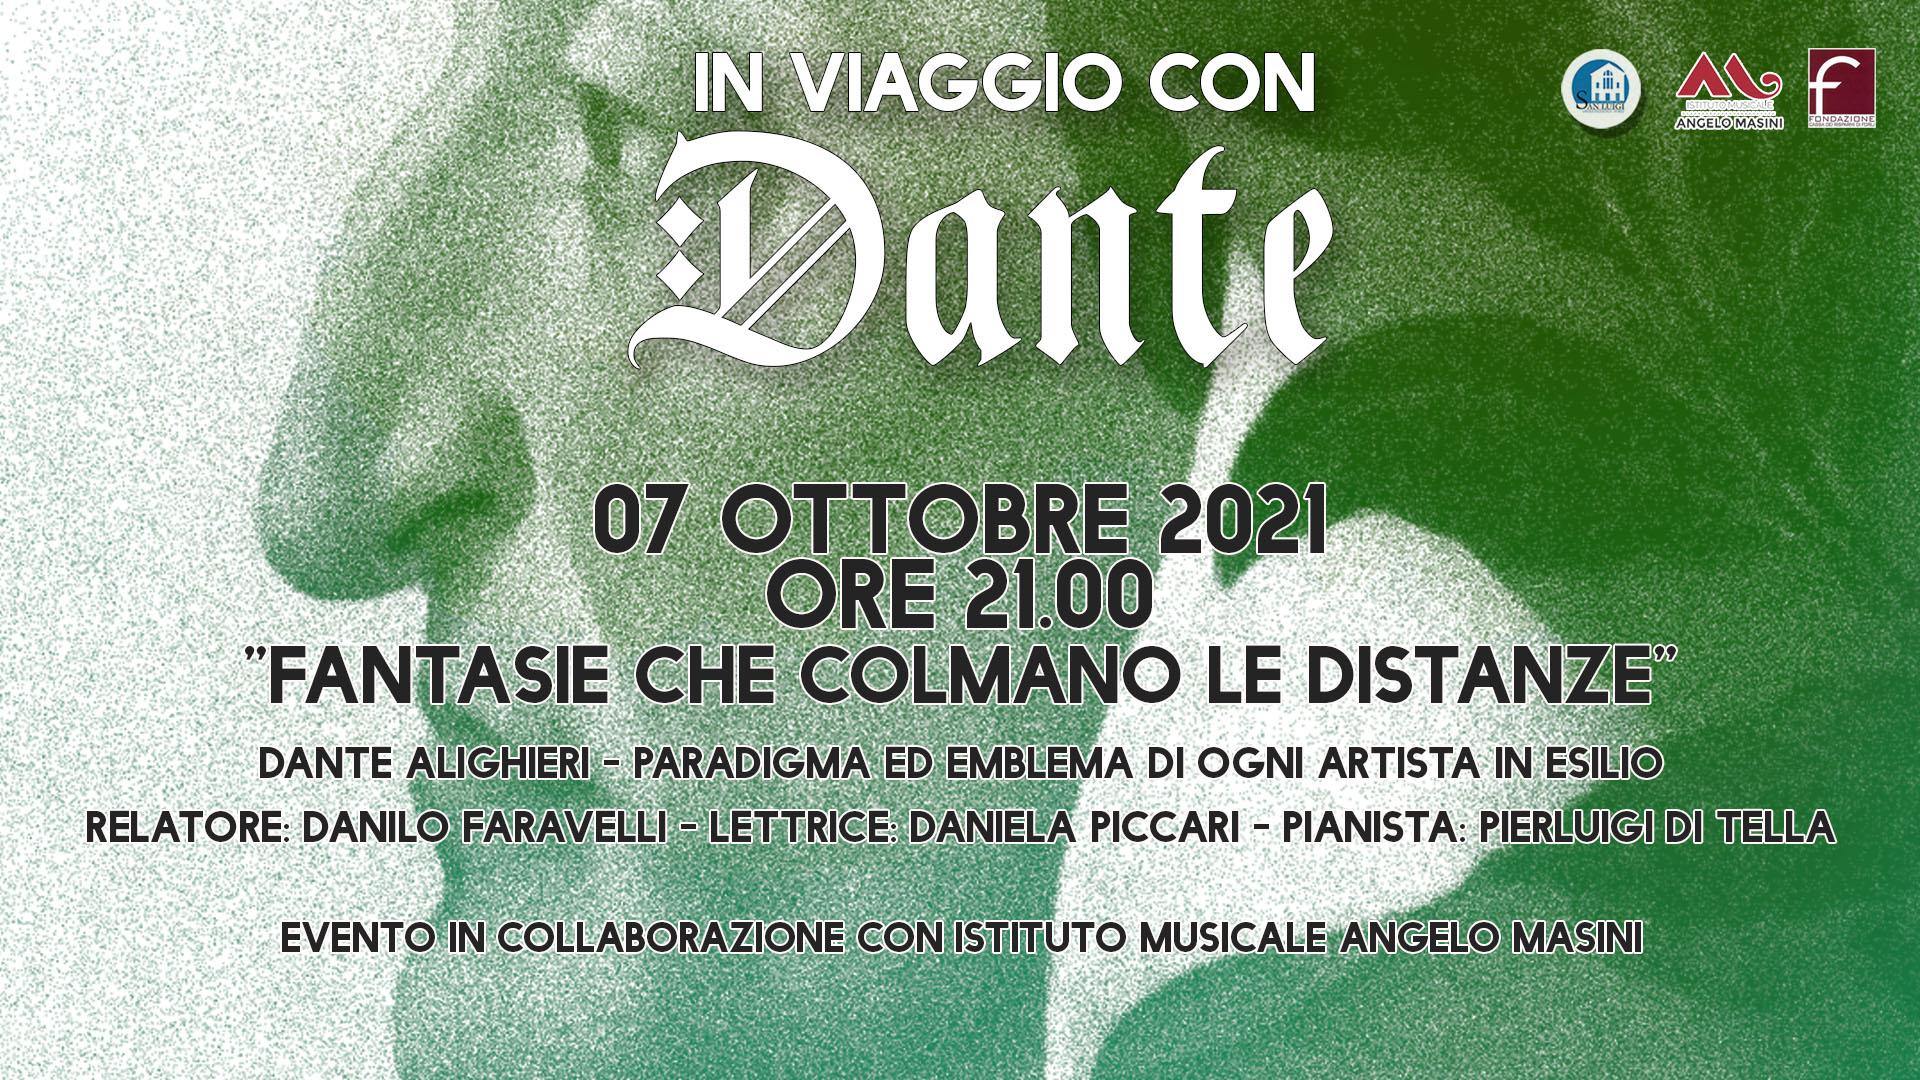 Evento speciale: FANTASIE CHE COLMANO LE DISTANZE- Dante Alighieri, paradigma ed emblema di ogni artista in esilio - Giovedì 7 Ottobre alle 21